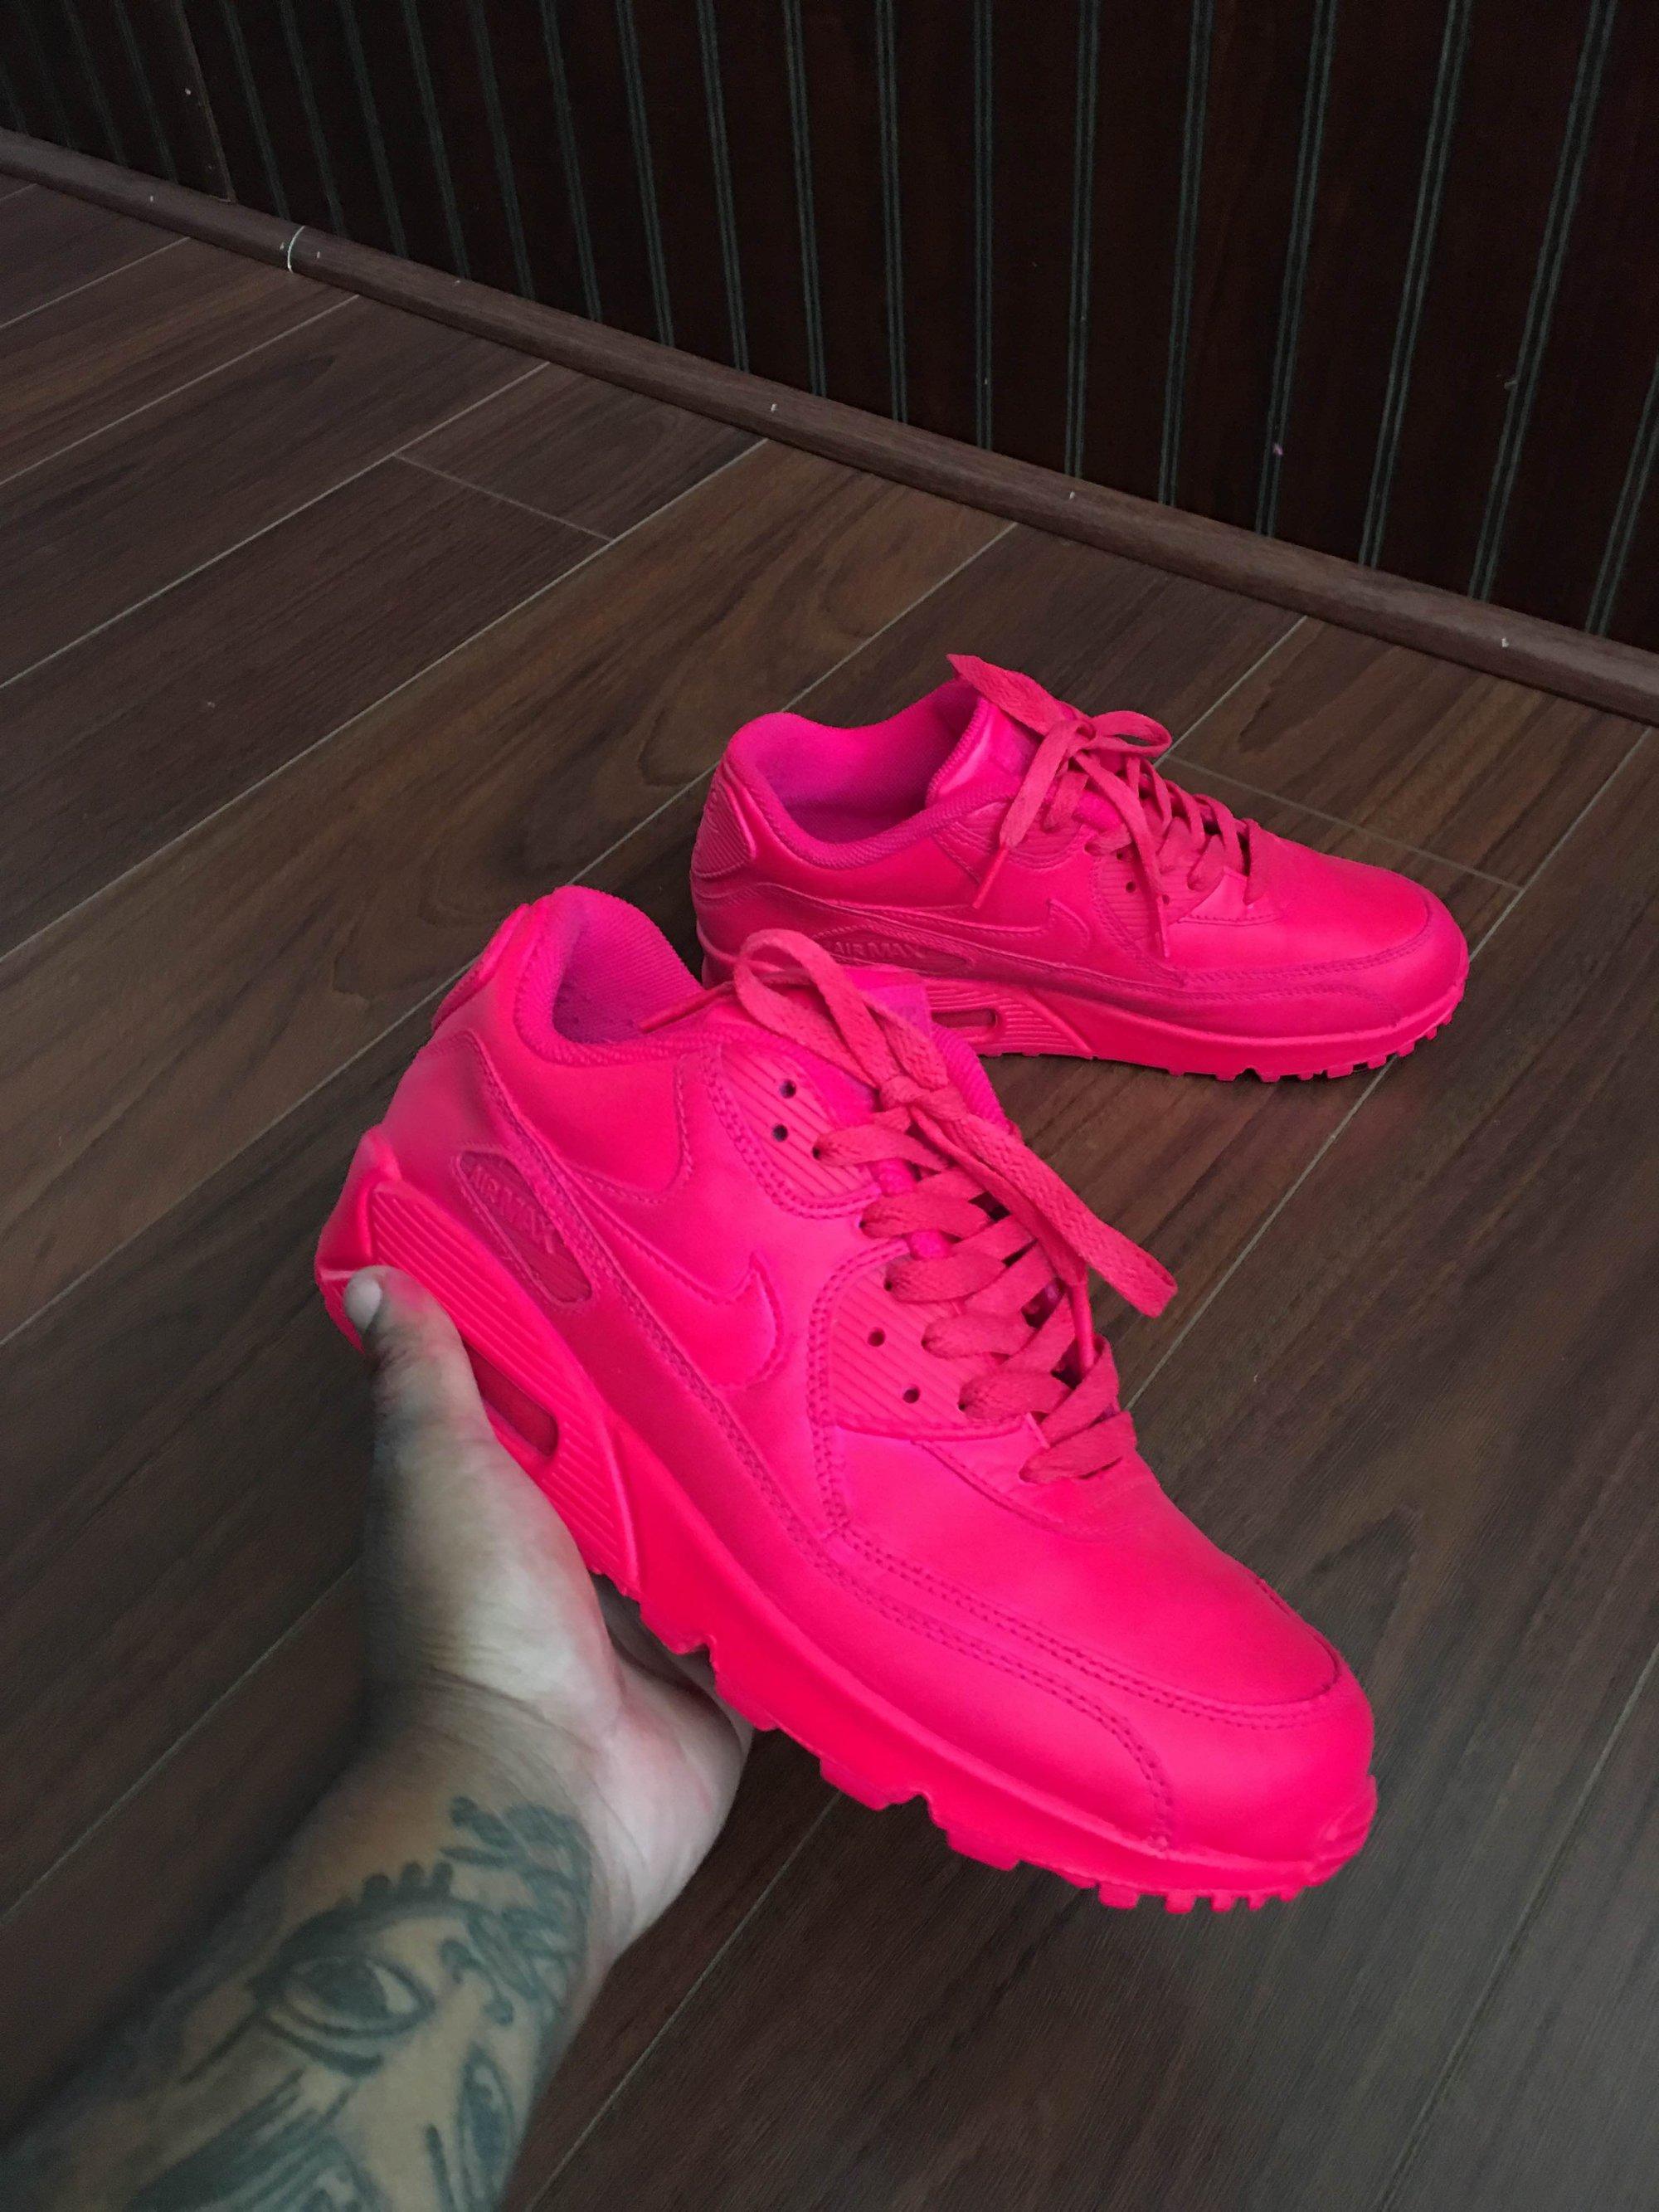 Neon Pink Air Max 90